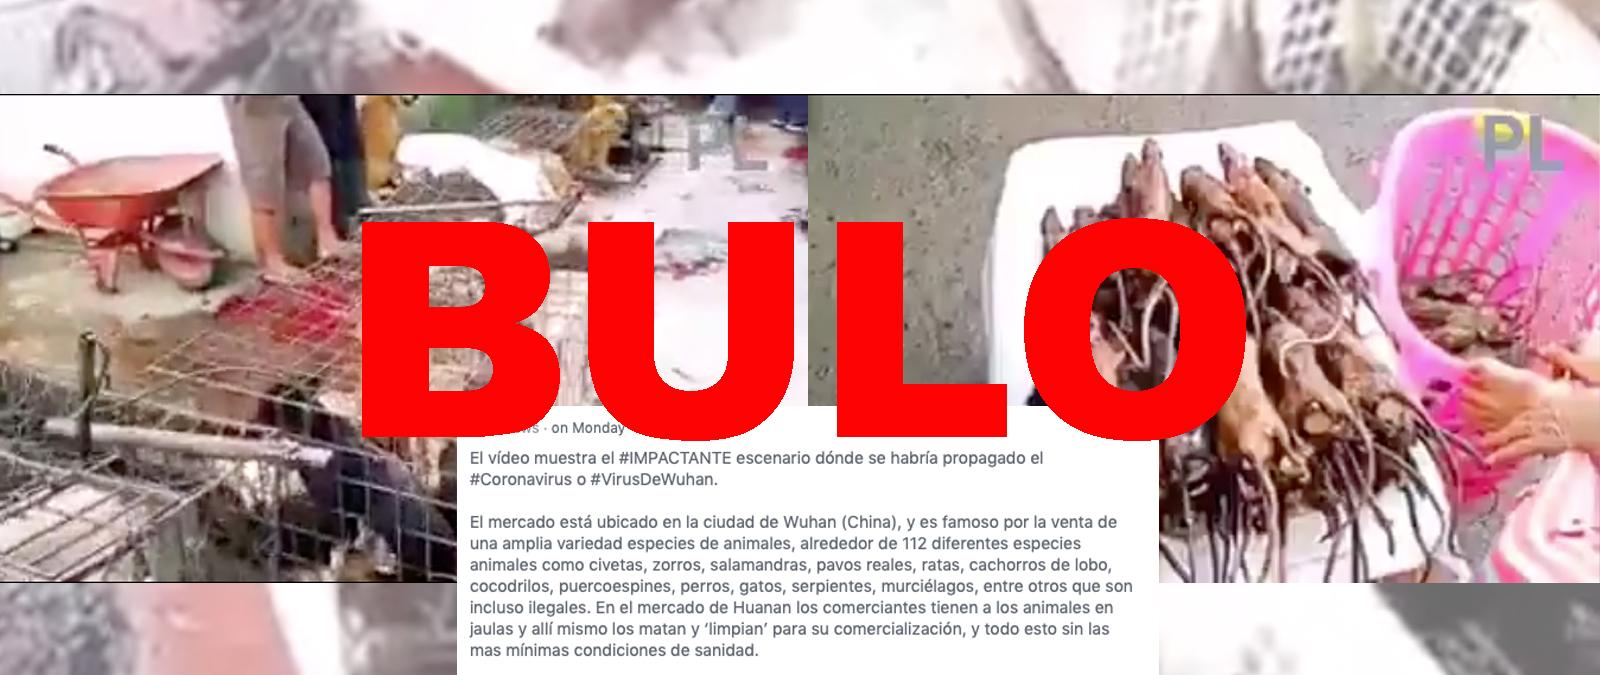 No, este vídeo de un mercado no está grabado en Wuhan (China) ni es el escenario donde se ha «propagado el coronavirus»: el vídeo está grabado en Indonesia y es de julio de 2019